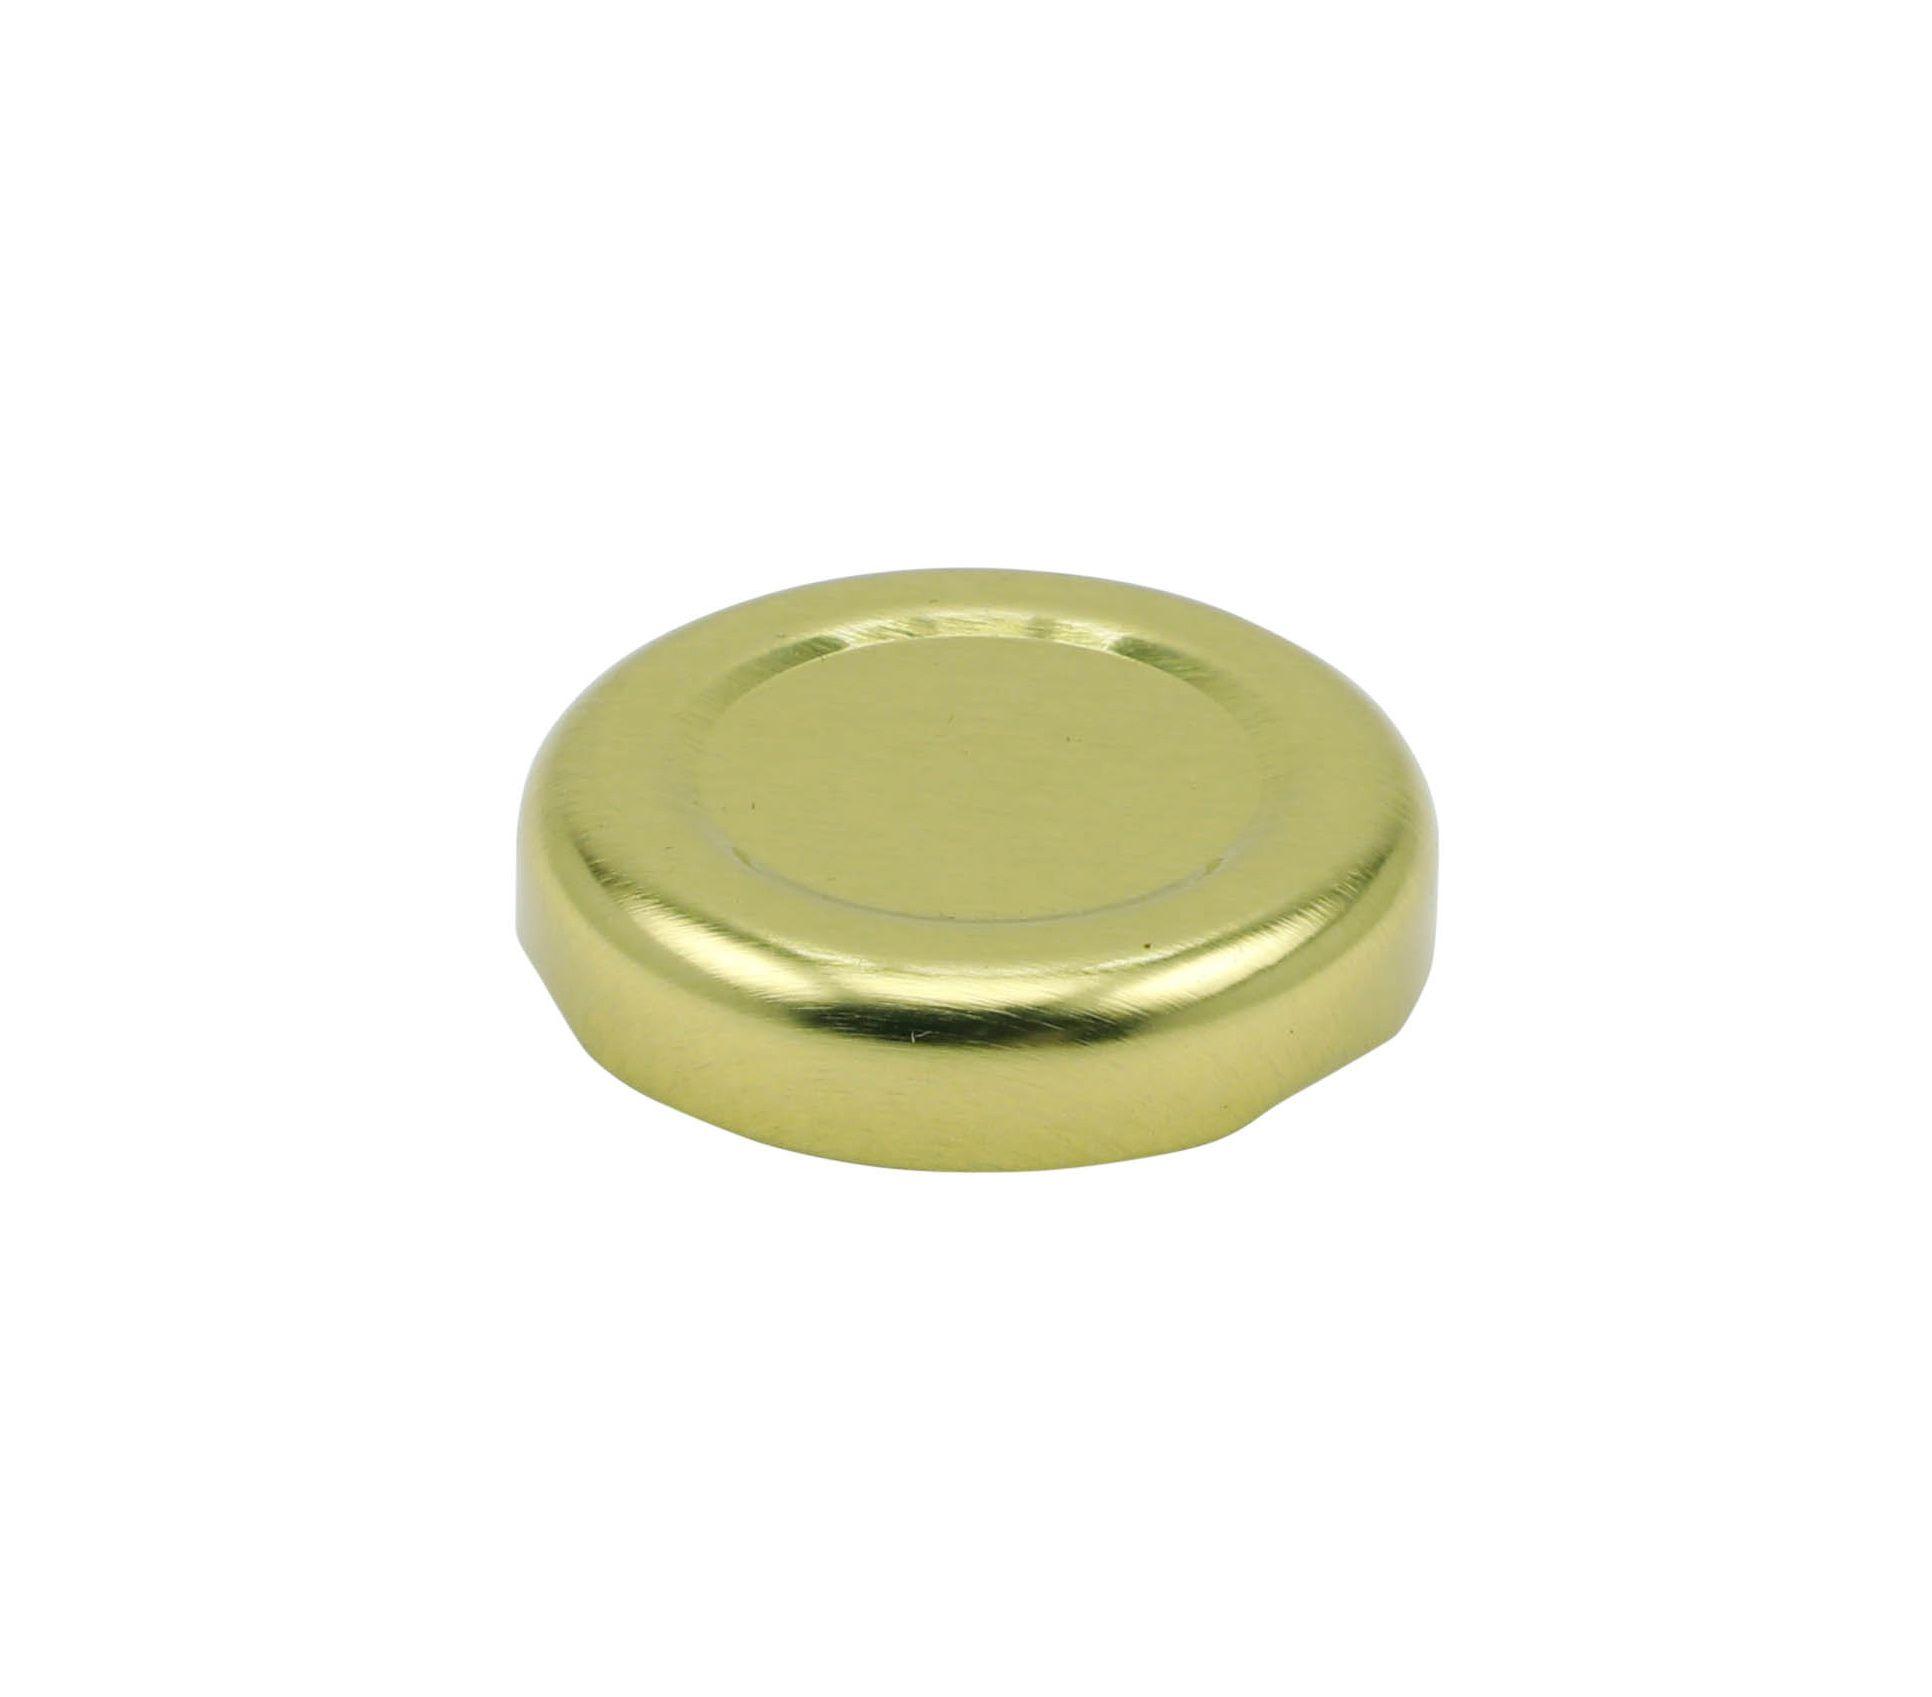 Garrafa de Leite 1000ml - Caixa C/ 04 Unidades